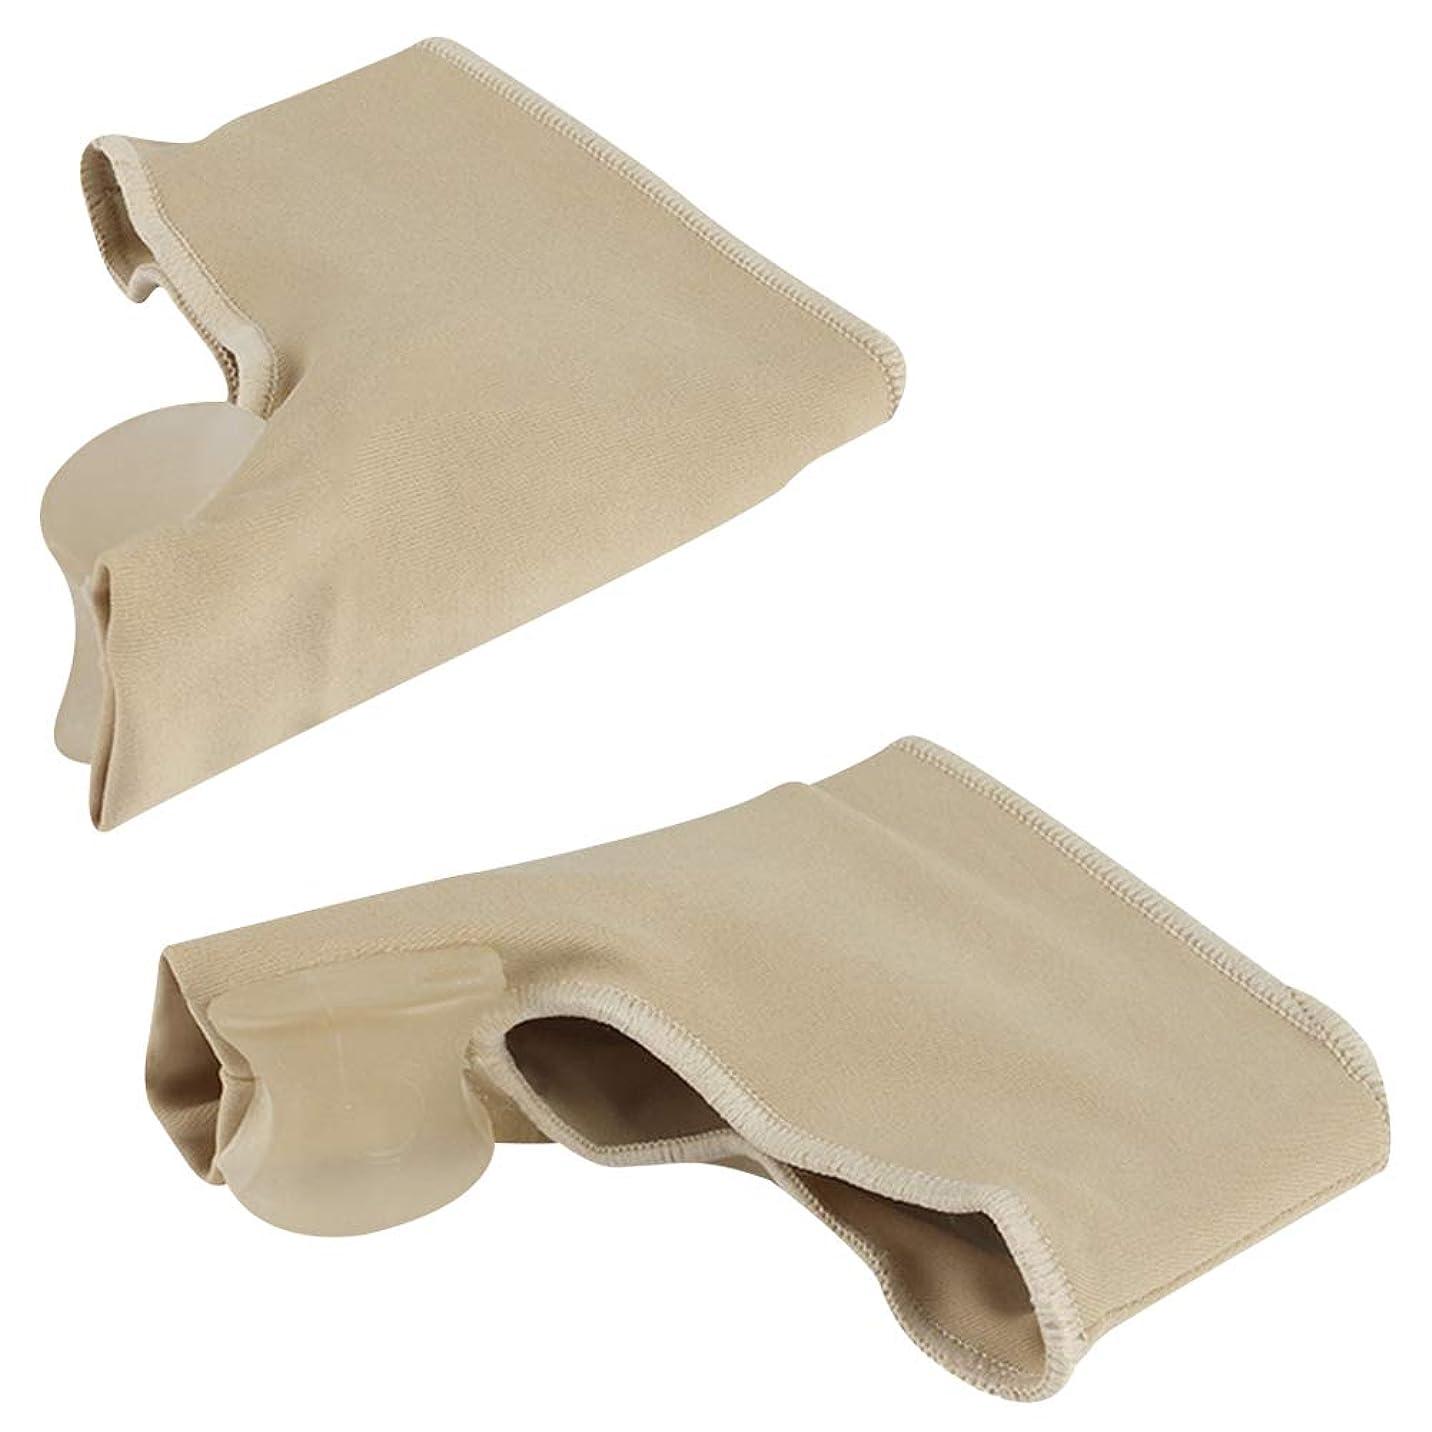 おばあさん学習者喉頭OUYOU 足指サポーター 足指を広げる 外反母趾 足指矯正パッド 血行促進 シリコン (M)